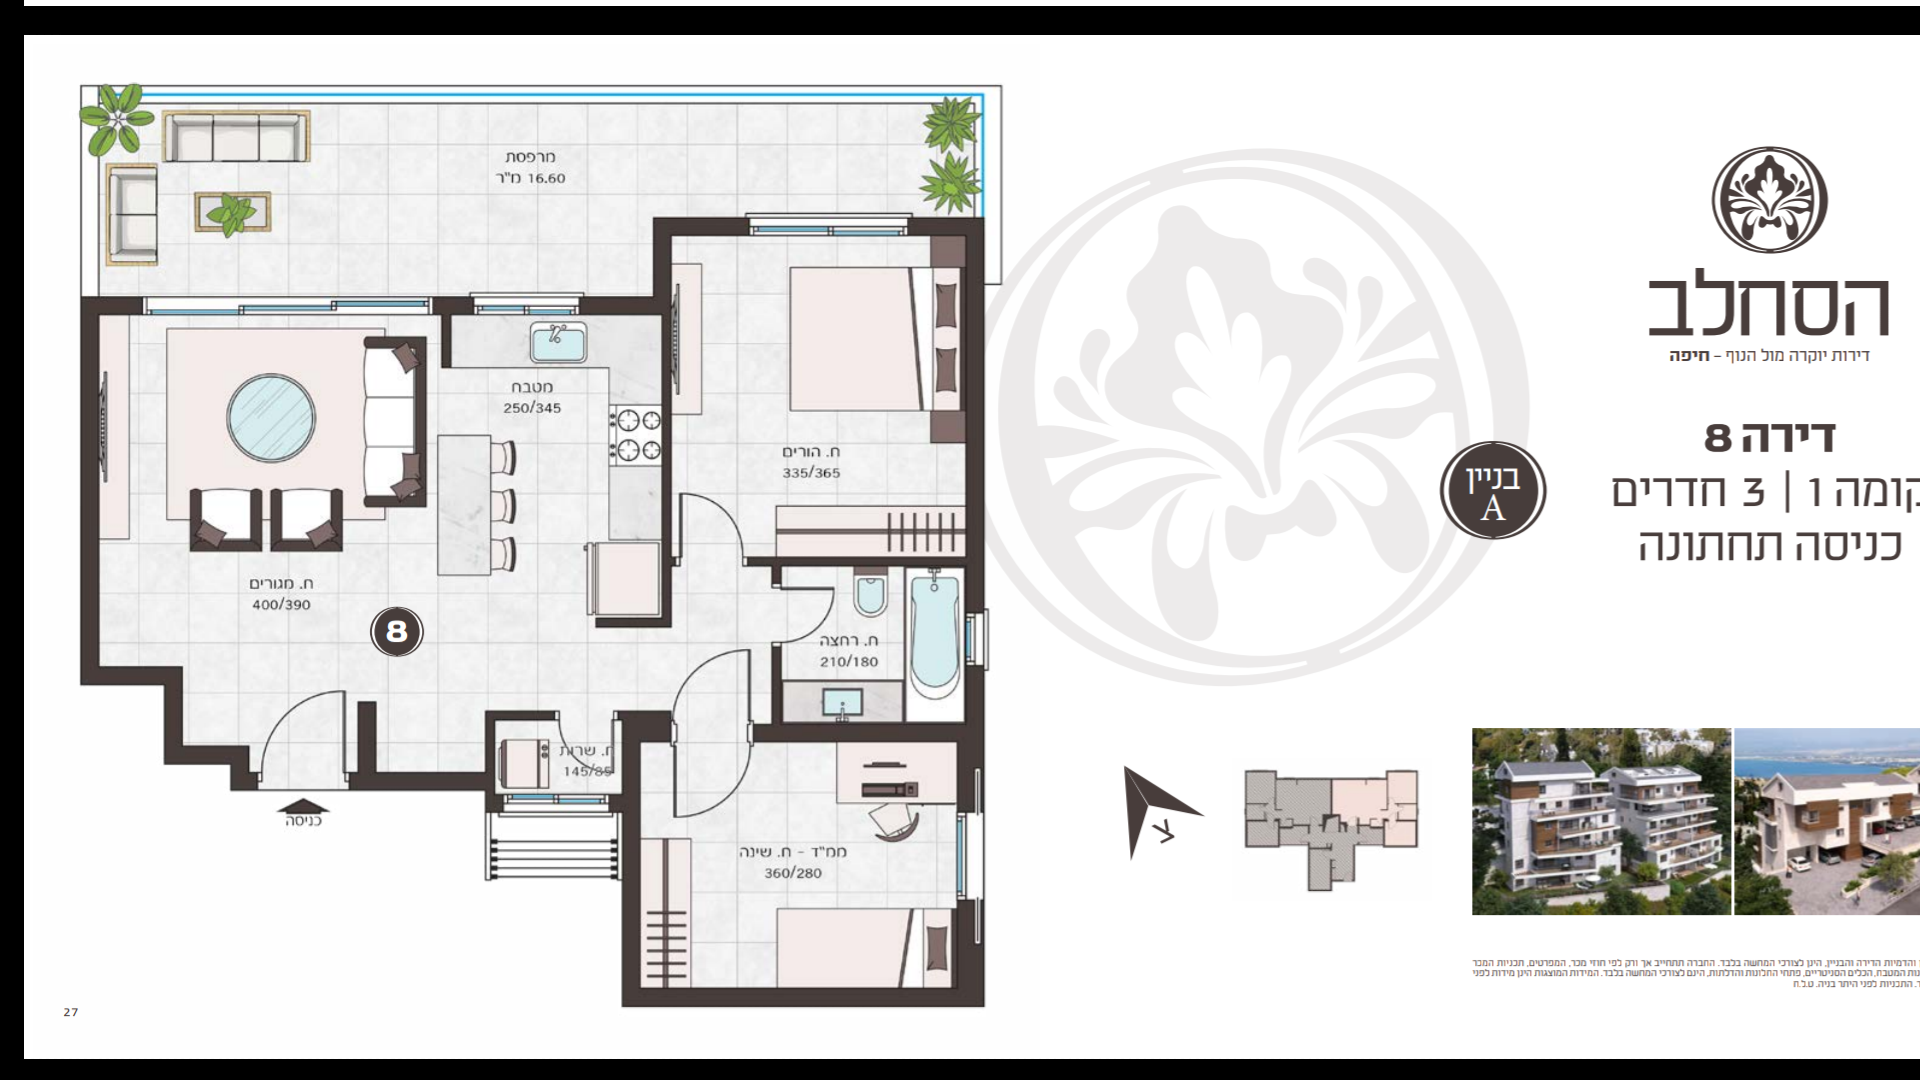 דירה 8